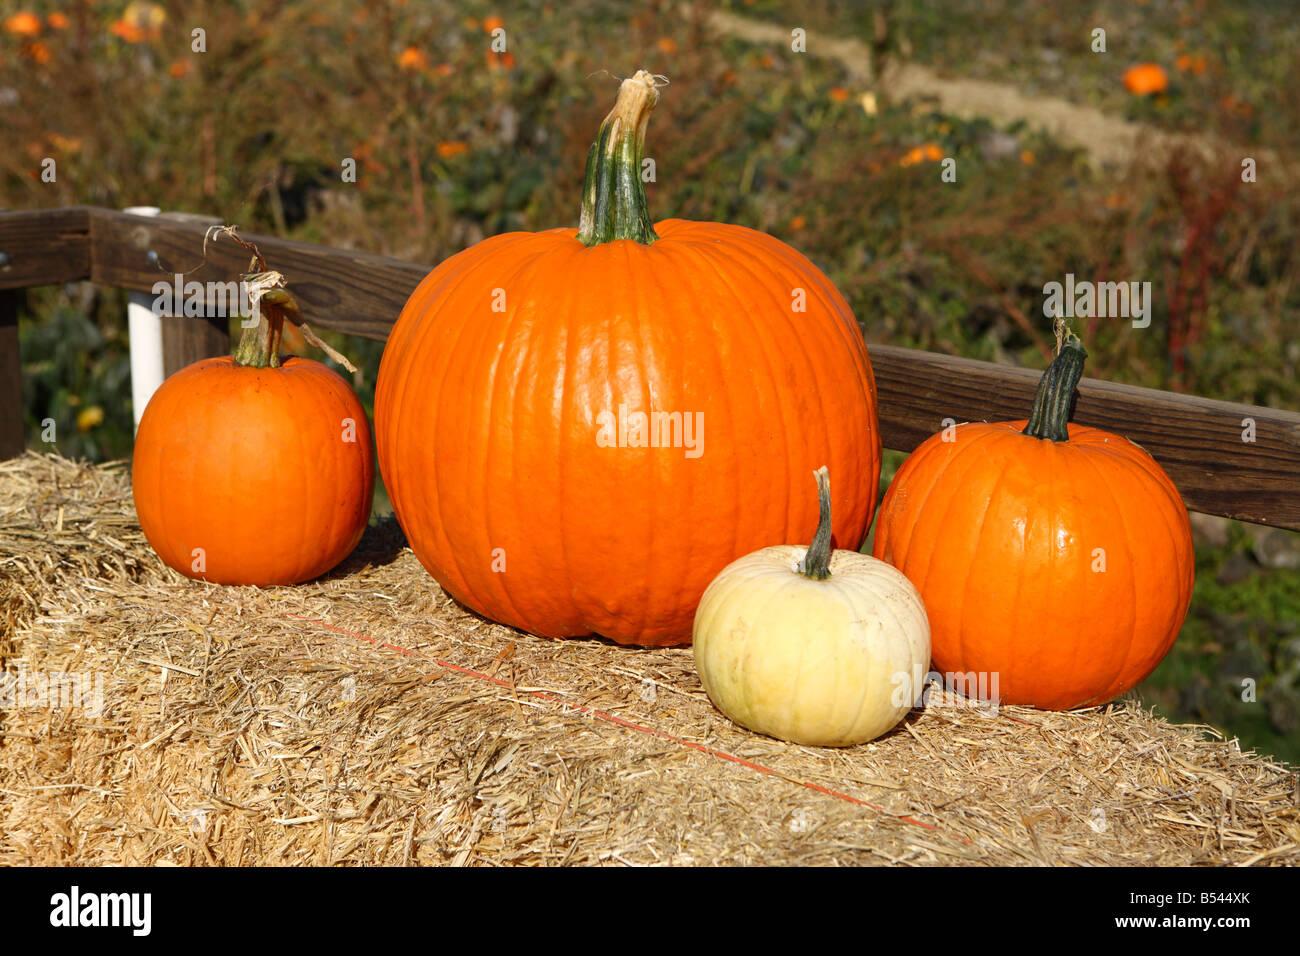 Pumpkins on bale of hay Oregon USA - Stock Image